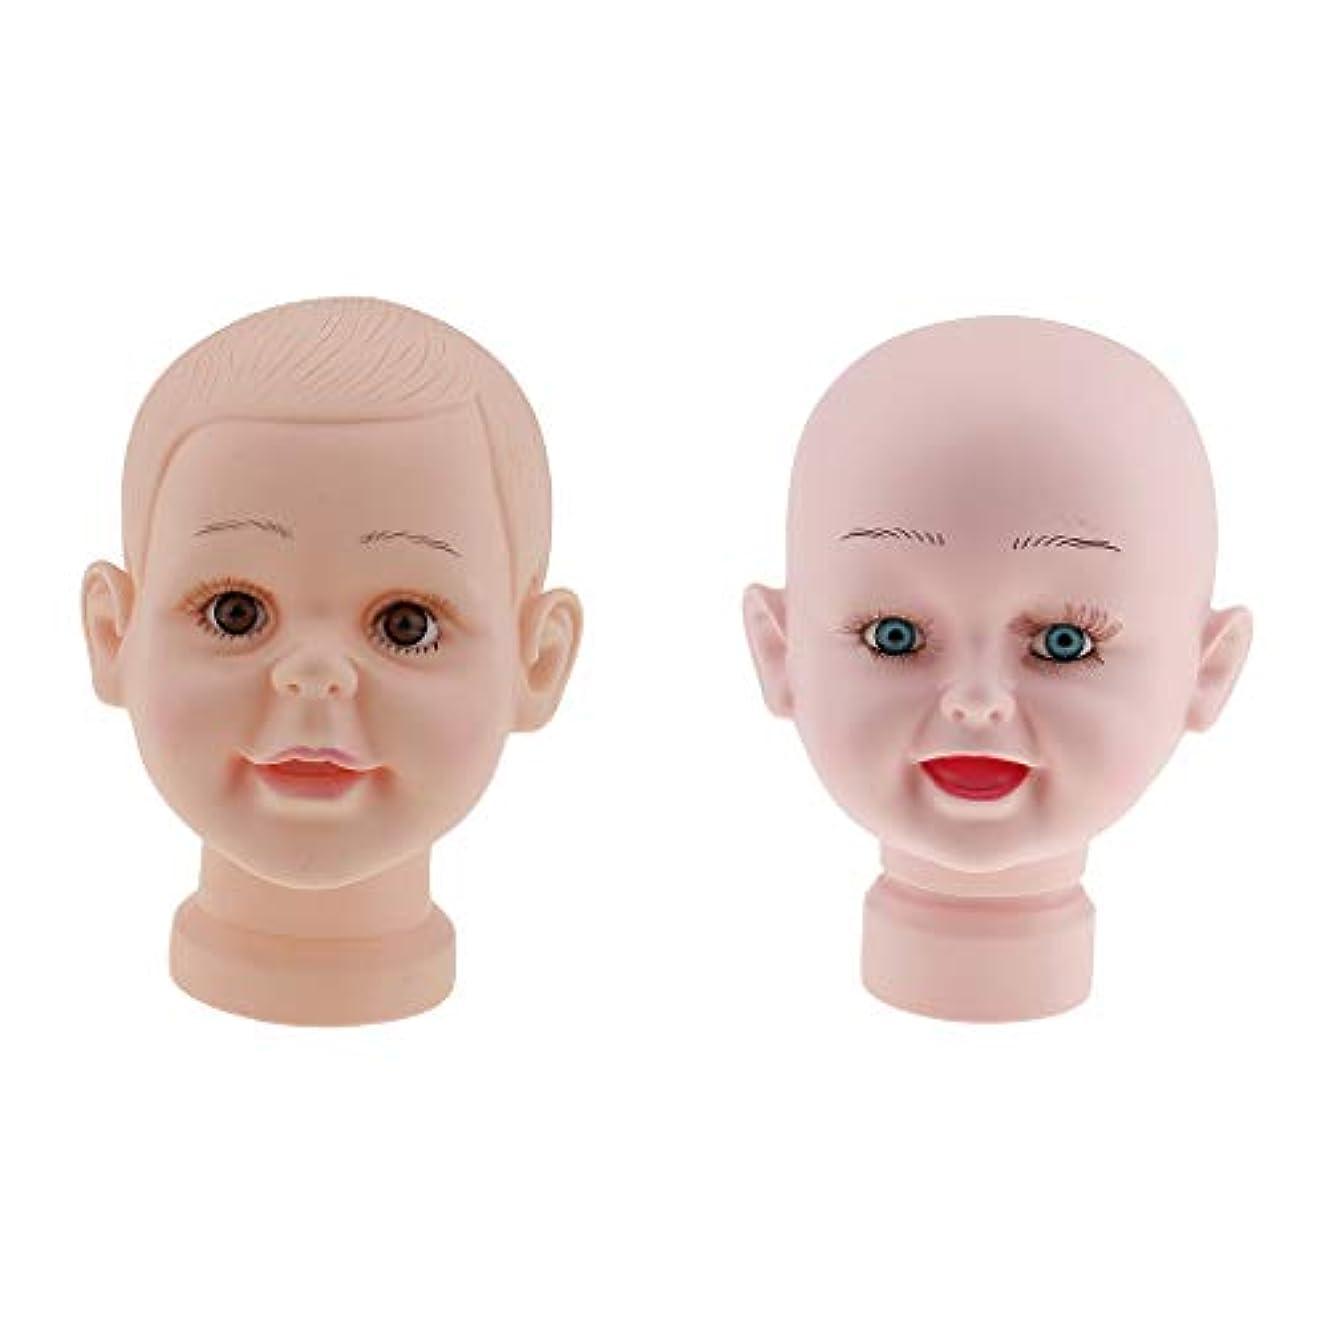 以上ハイライト通り抜ける子供マネキンヘッド 赤ちゃん チャイルドマネキンヘッド 肌色 頭部モデル かつら 帽子ディスプレイ